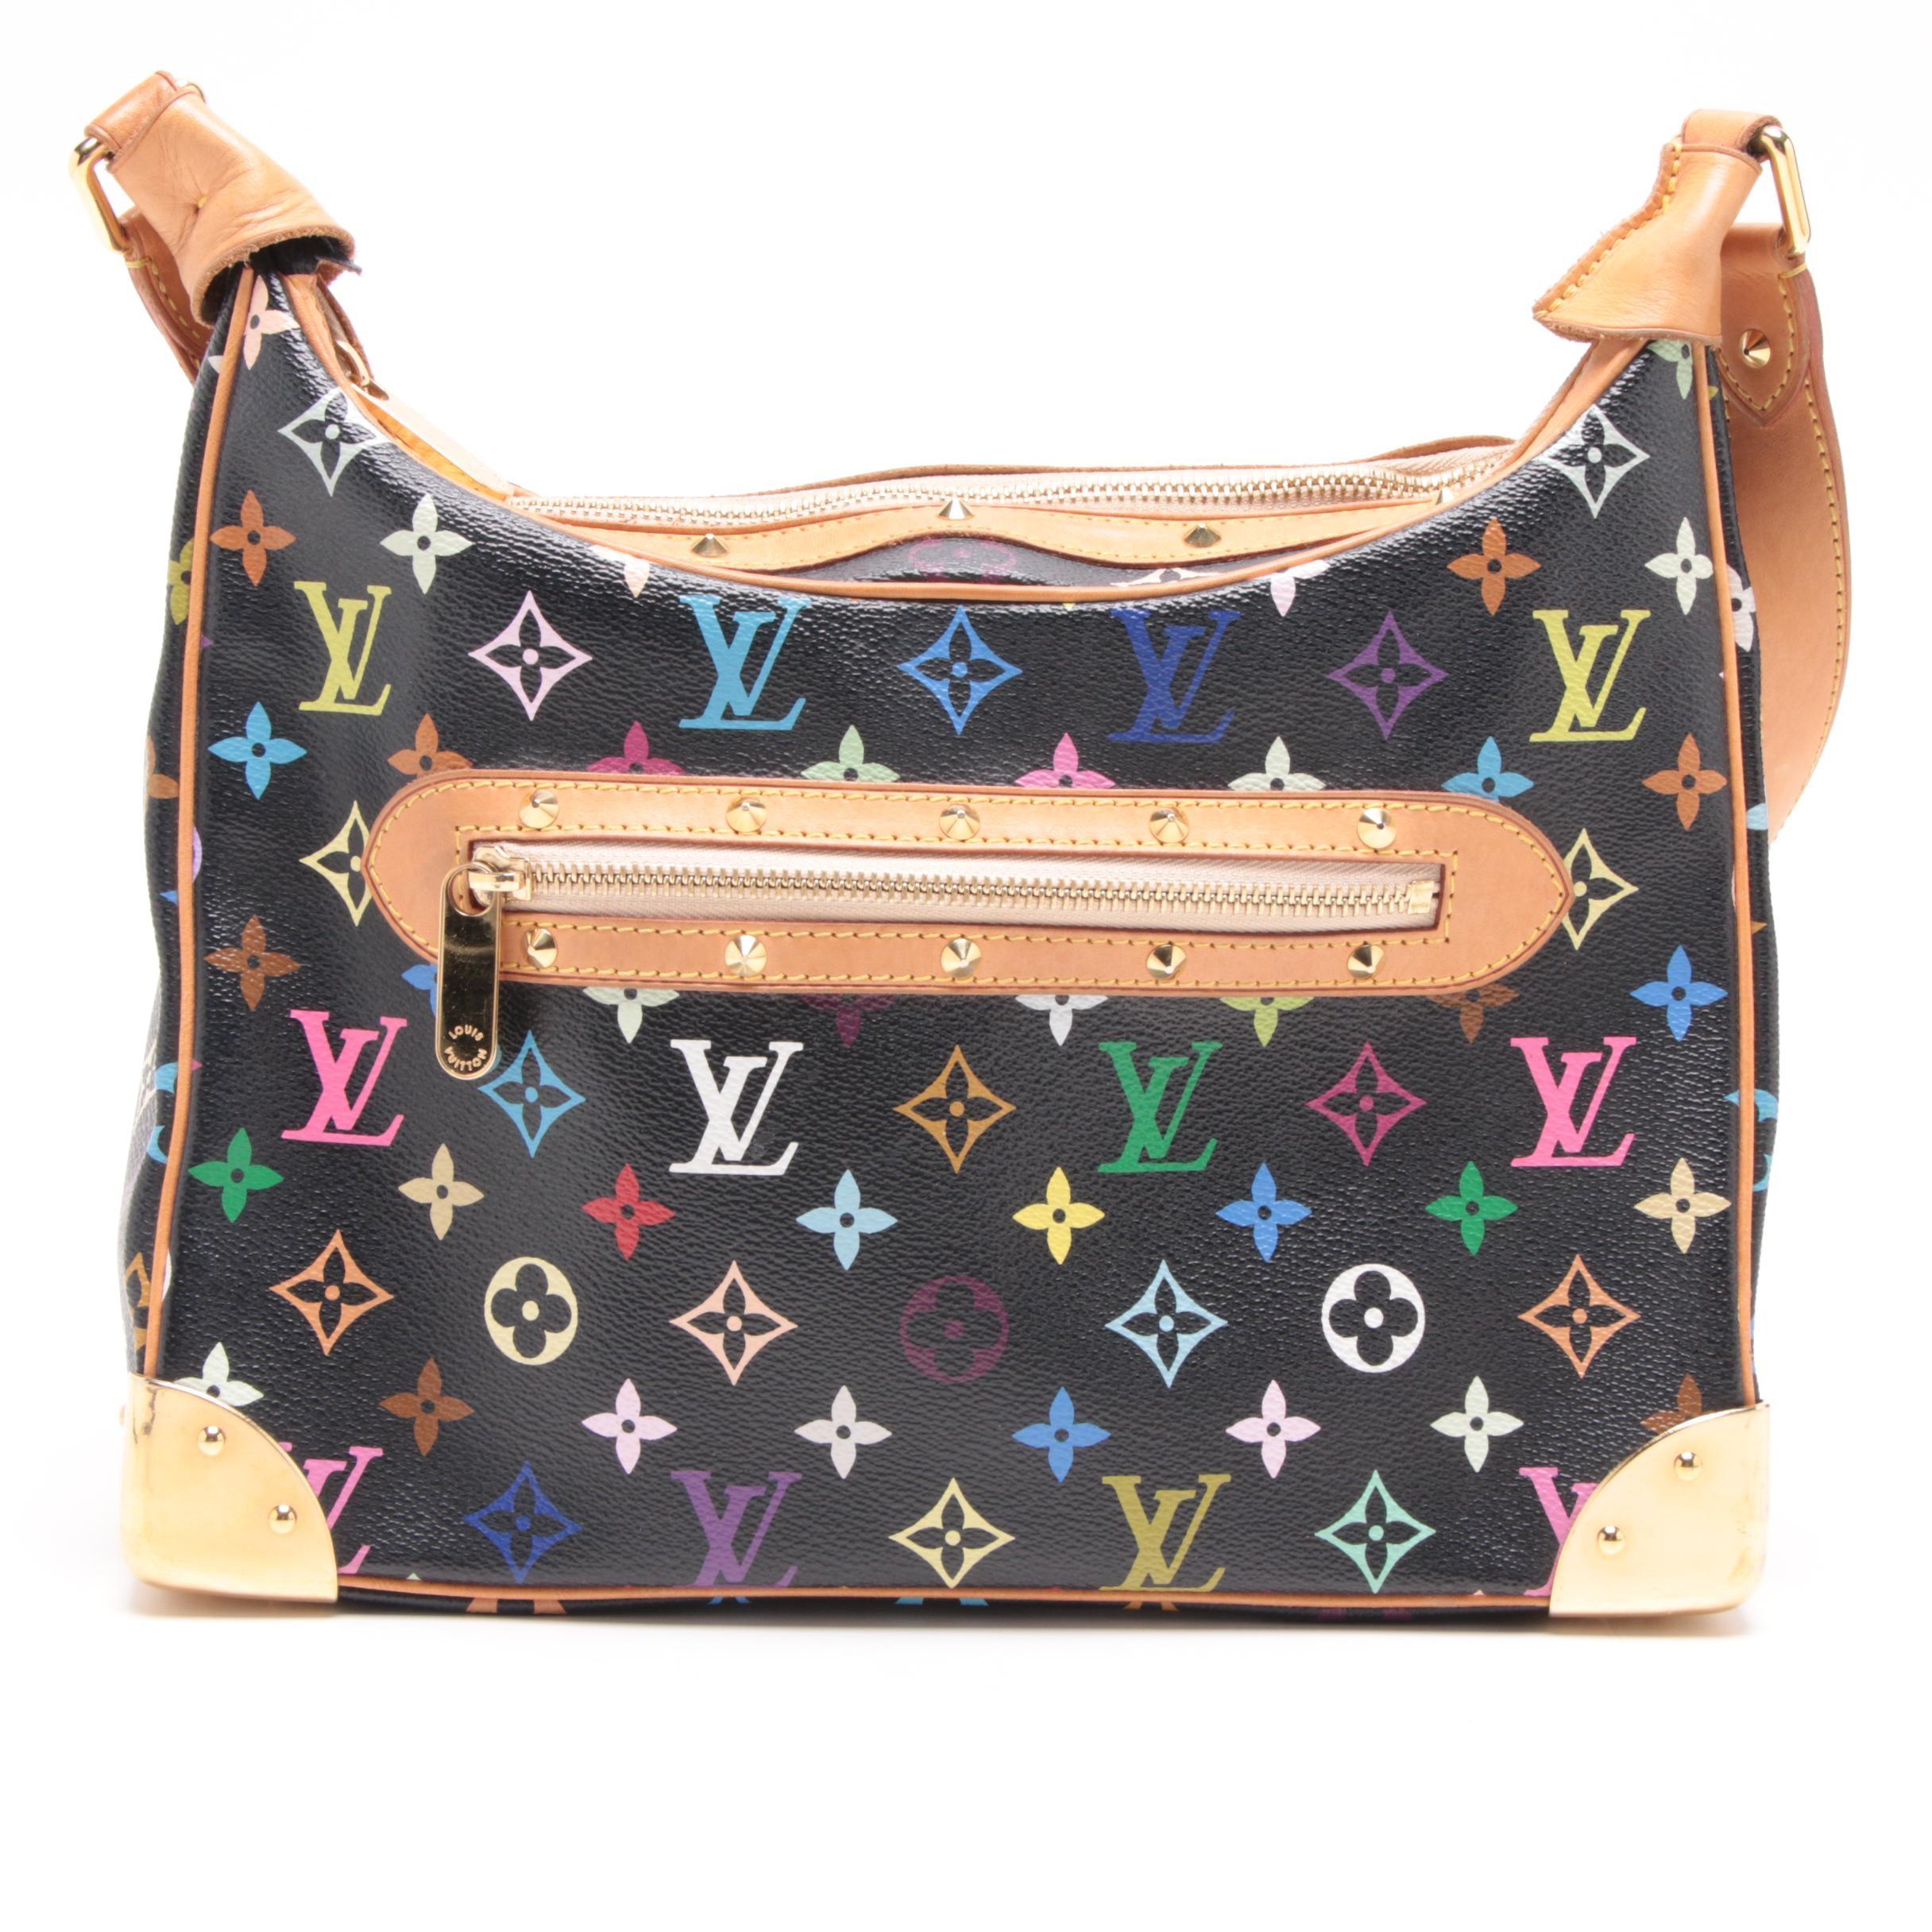 Louis Vuitton Paris Multicolore Monogram Canvas Boulogne Bag